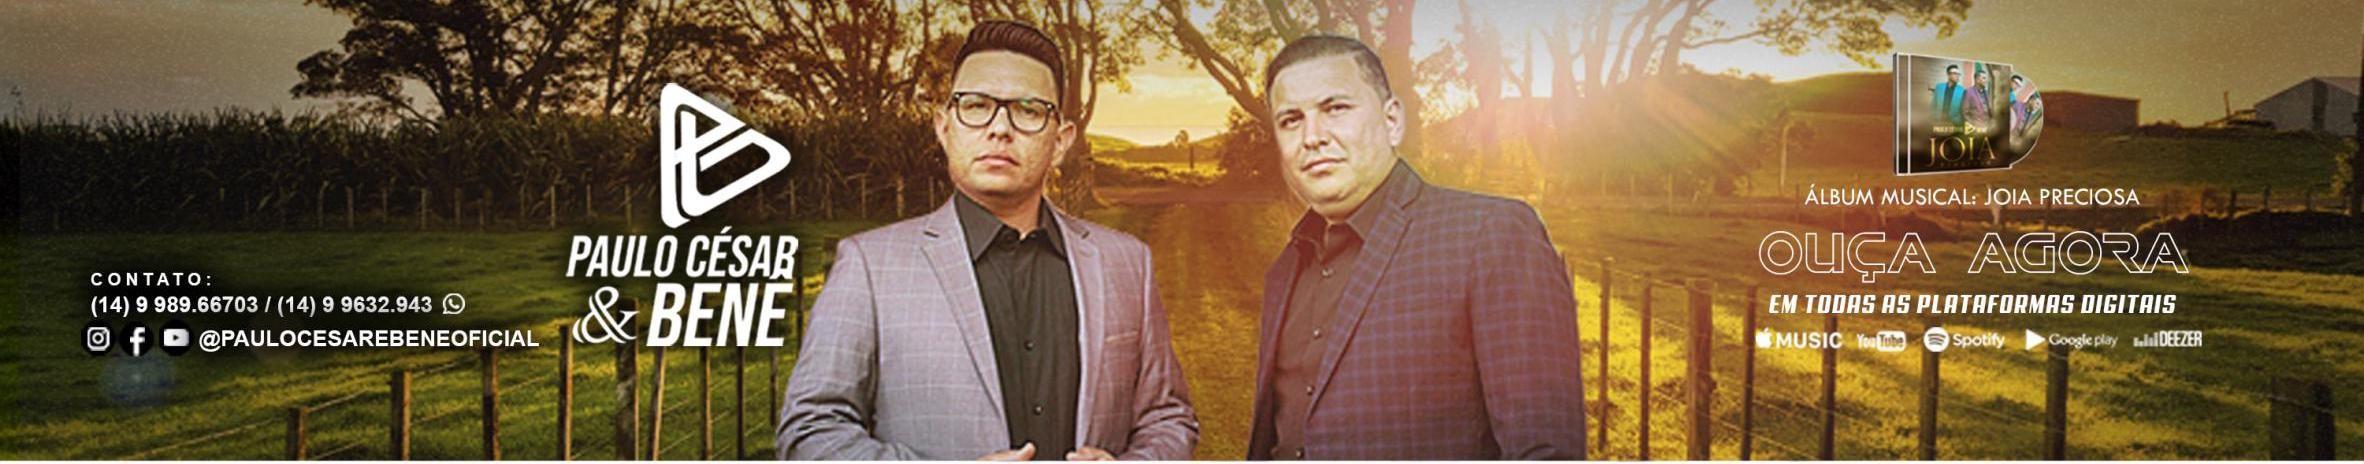 Imagem de capa de Paulo Cesar e Benê